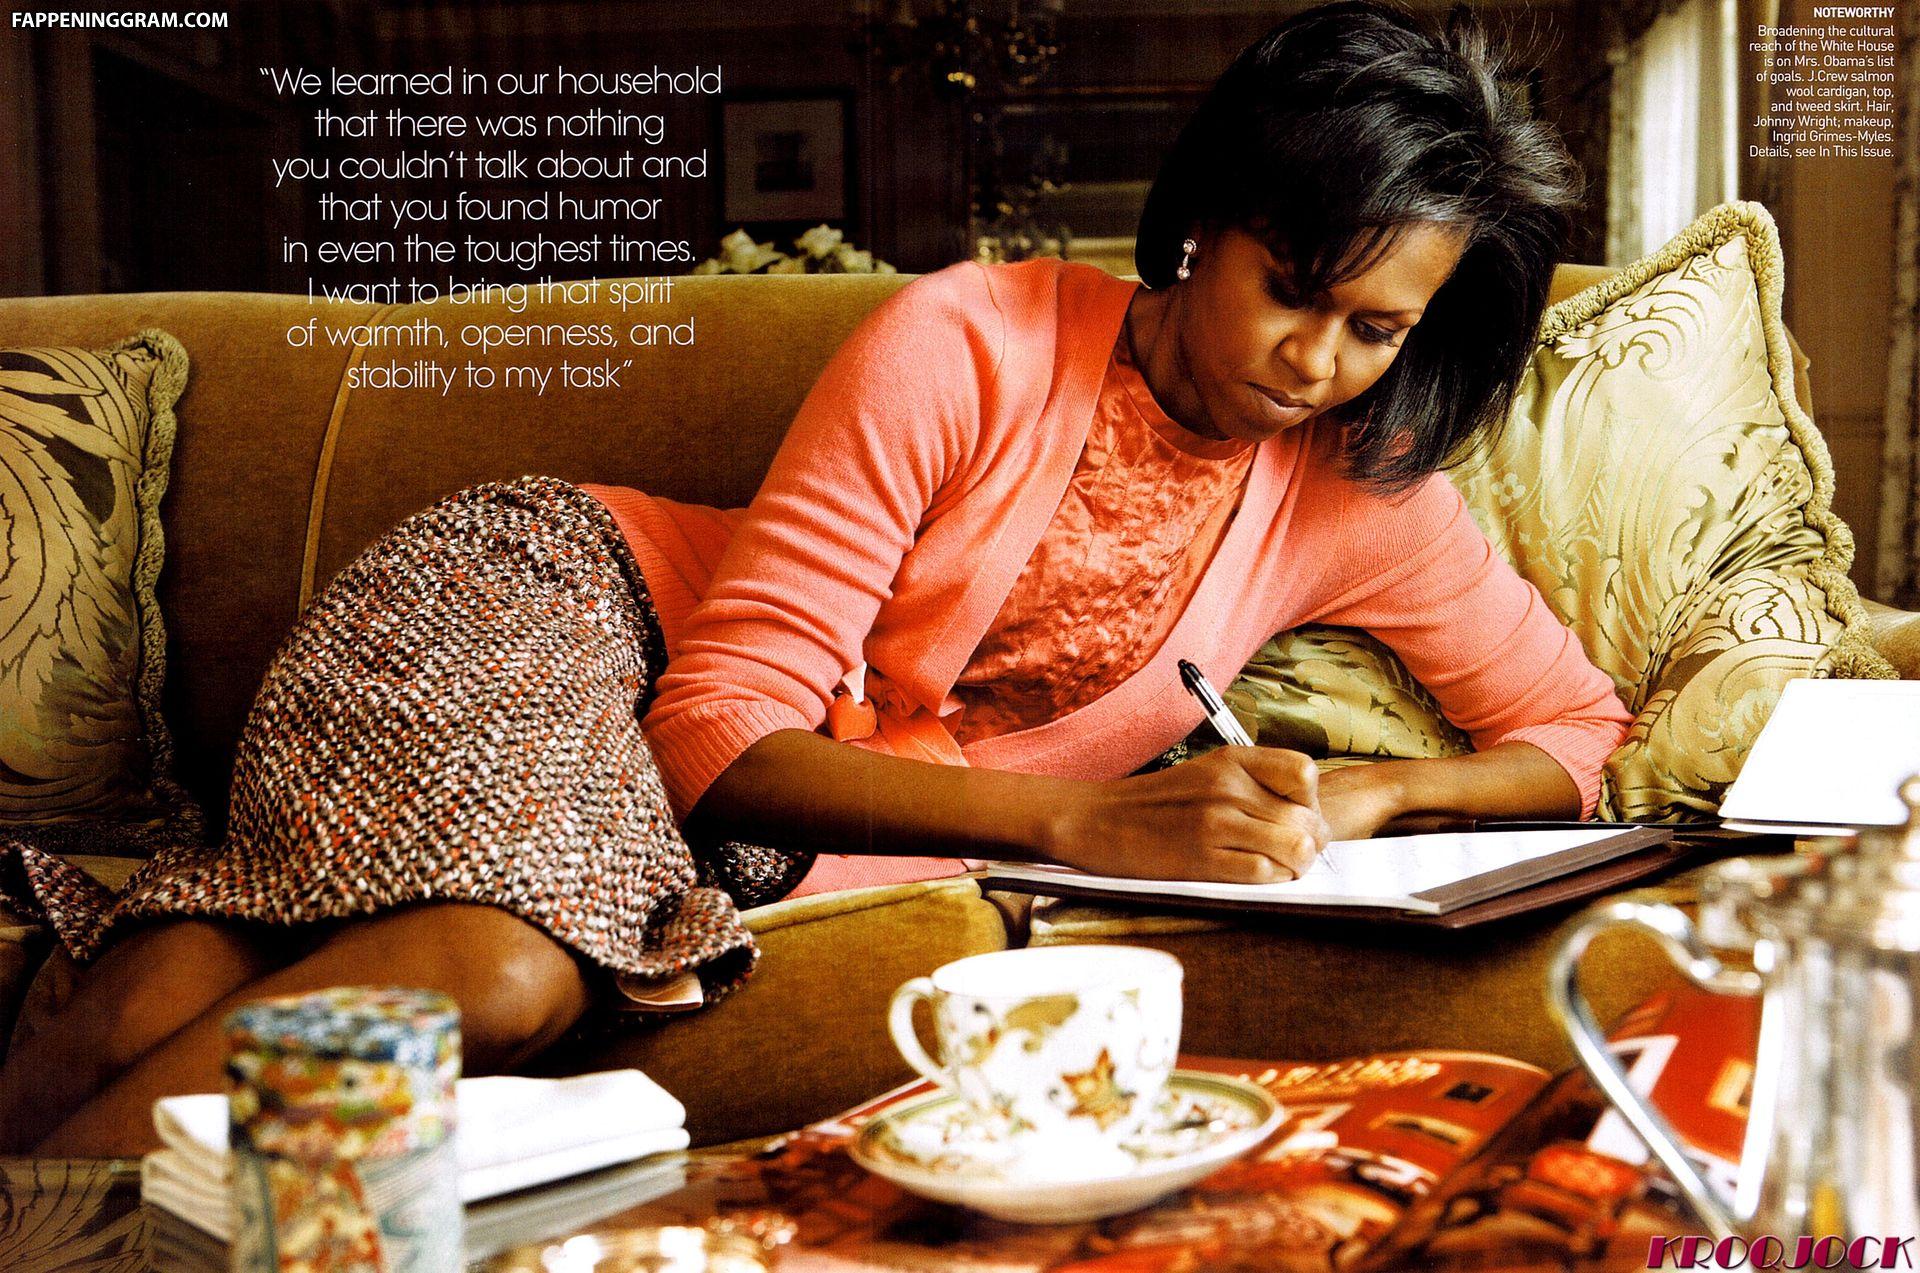 Michelle Obama Nude